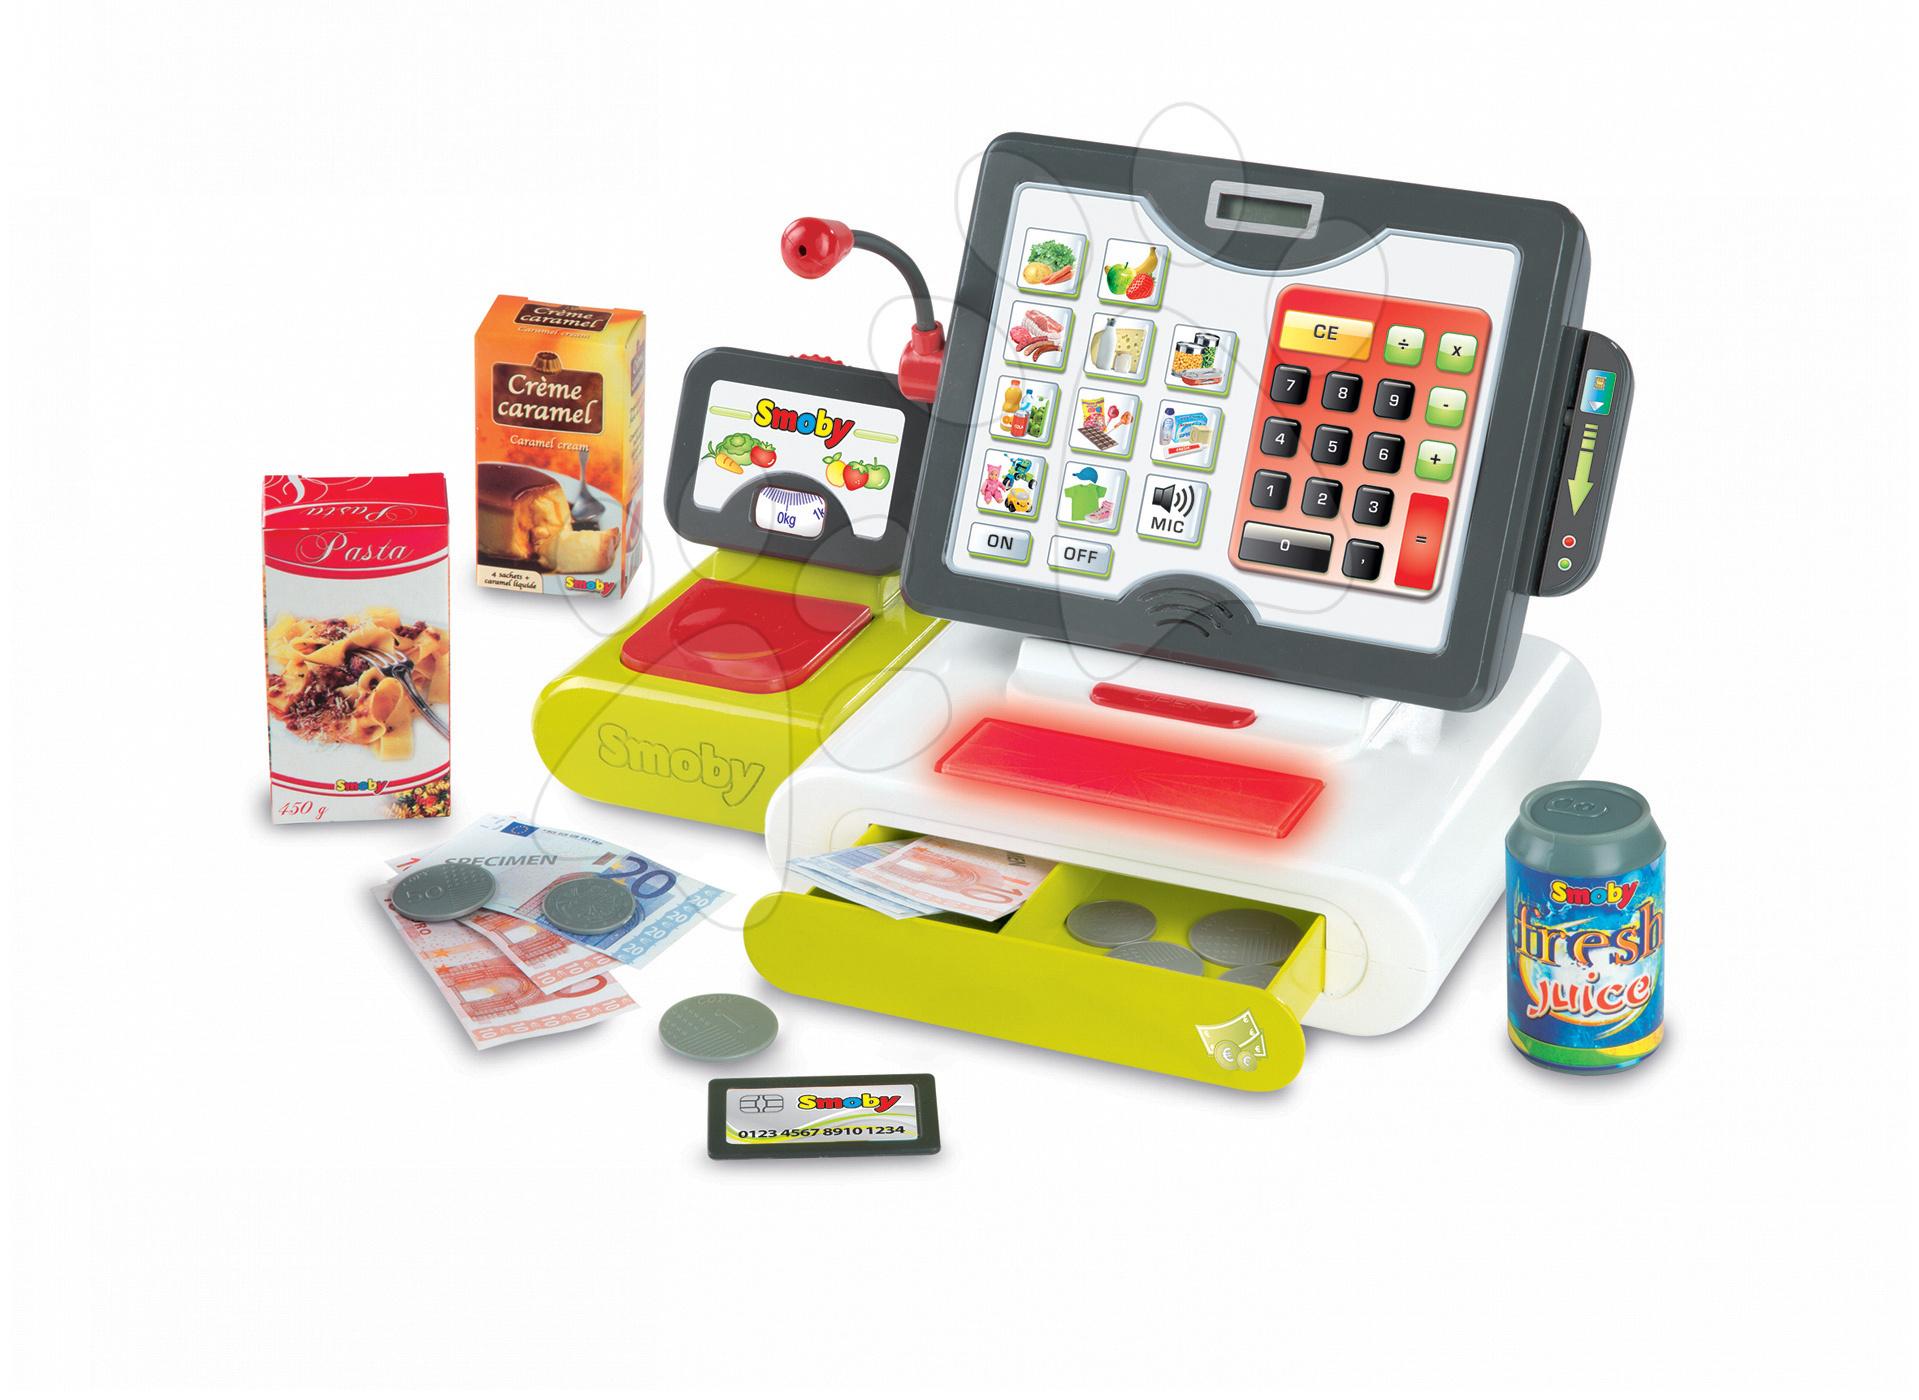 Obchody pre deti - Pokladňa Smoby elektronická s dotykovou obrazovkou s 25 doplnkami